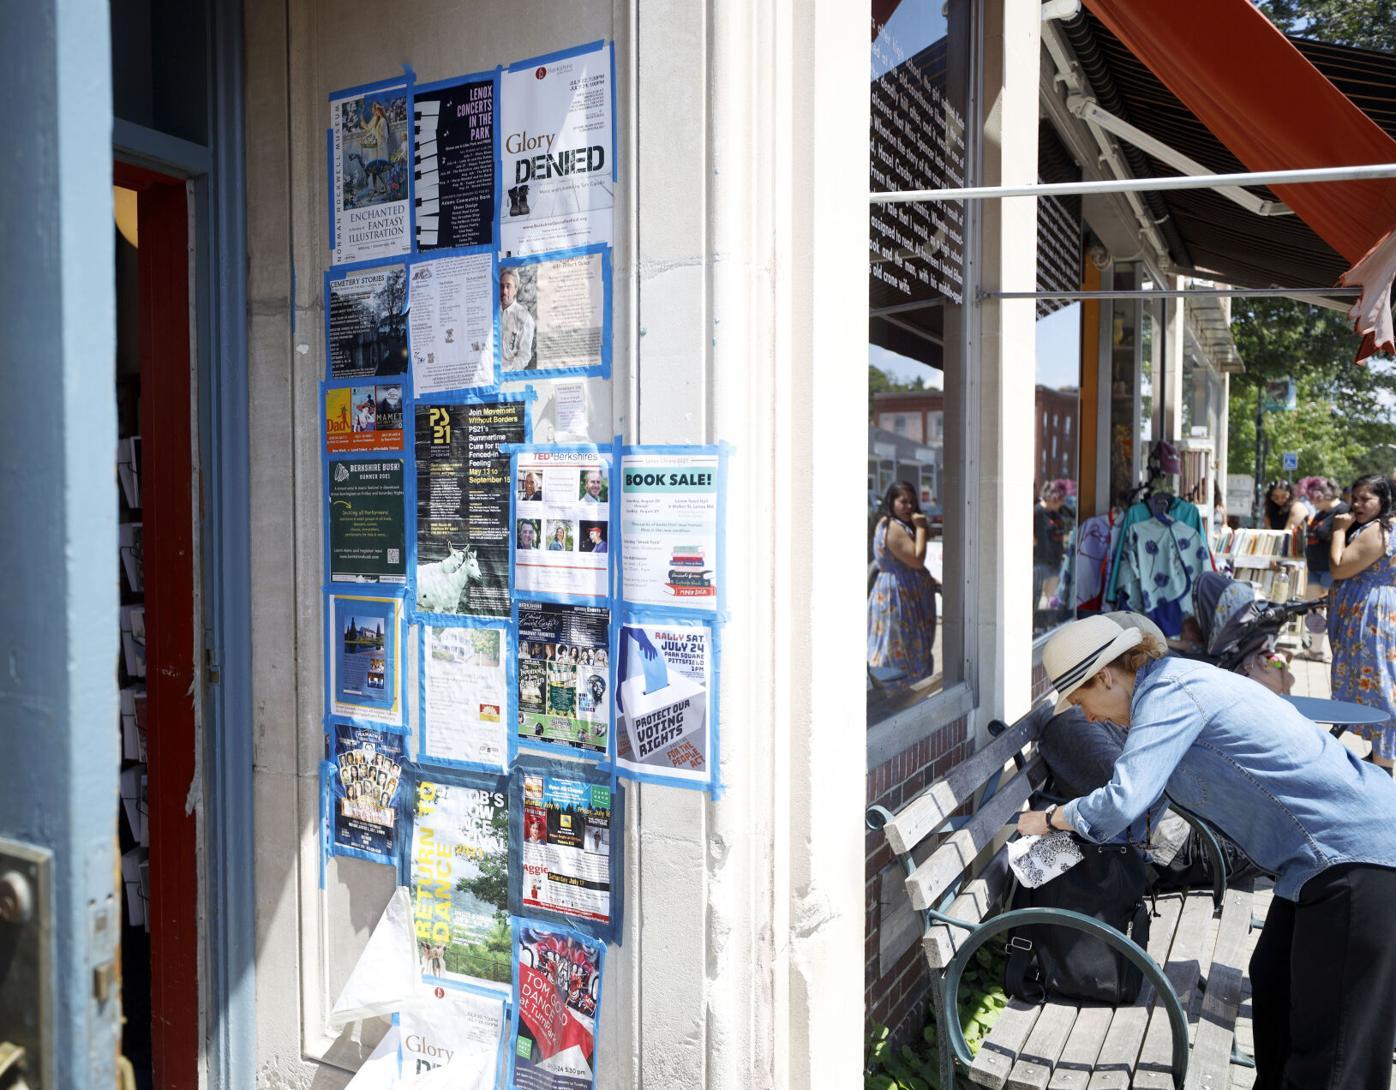 flyers taped in store doorway